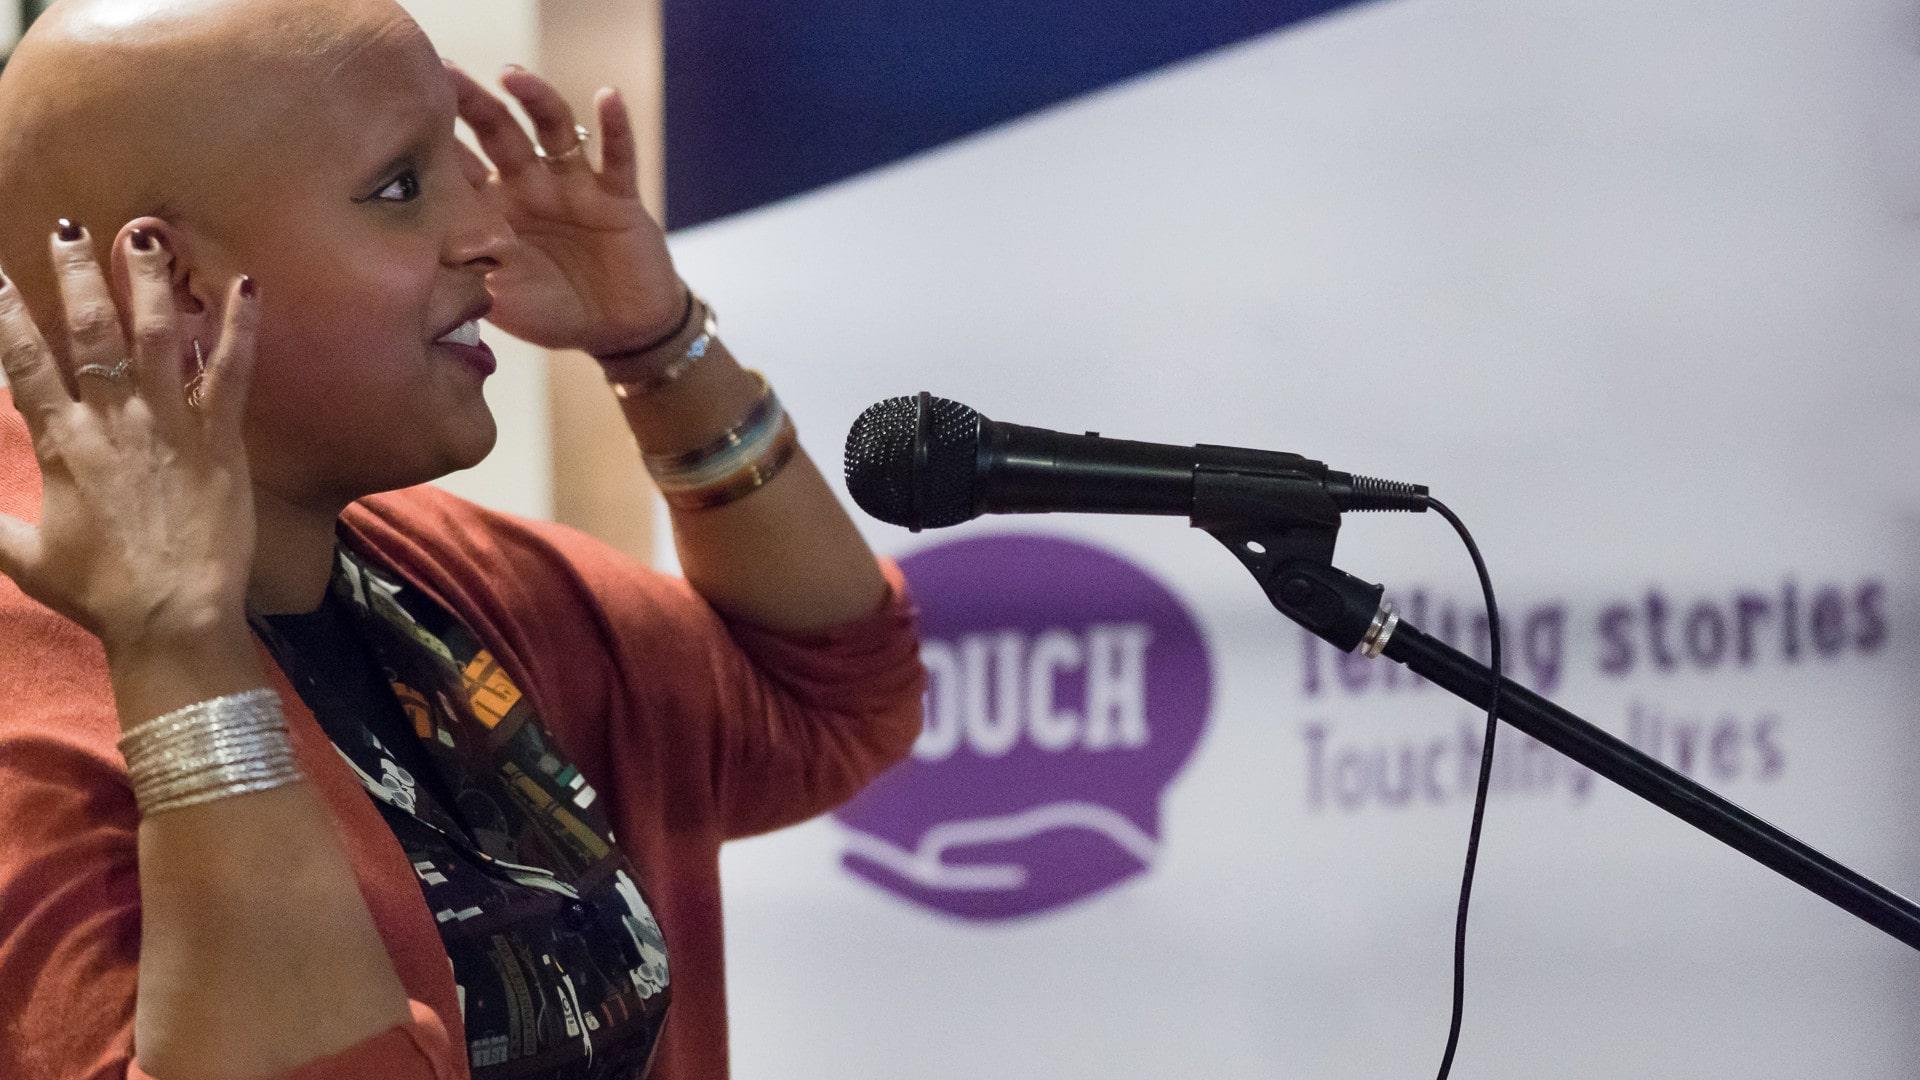 Enthusiastic Speaker